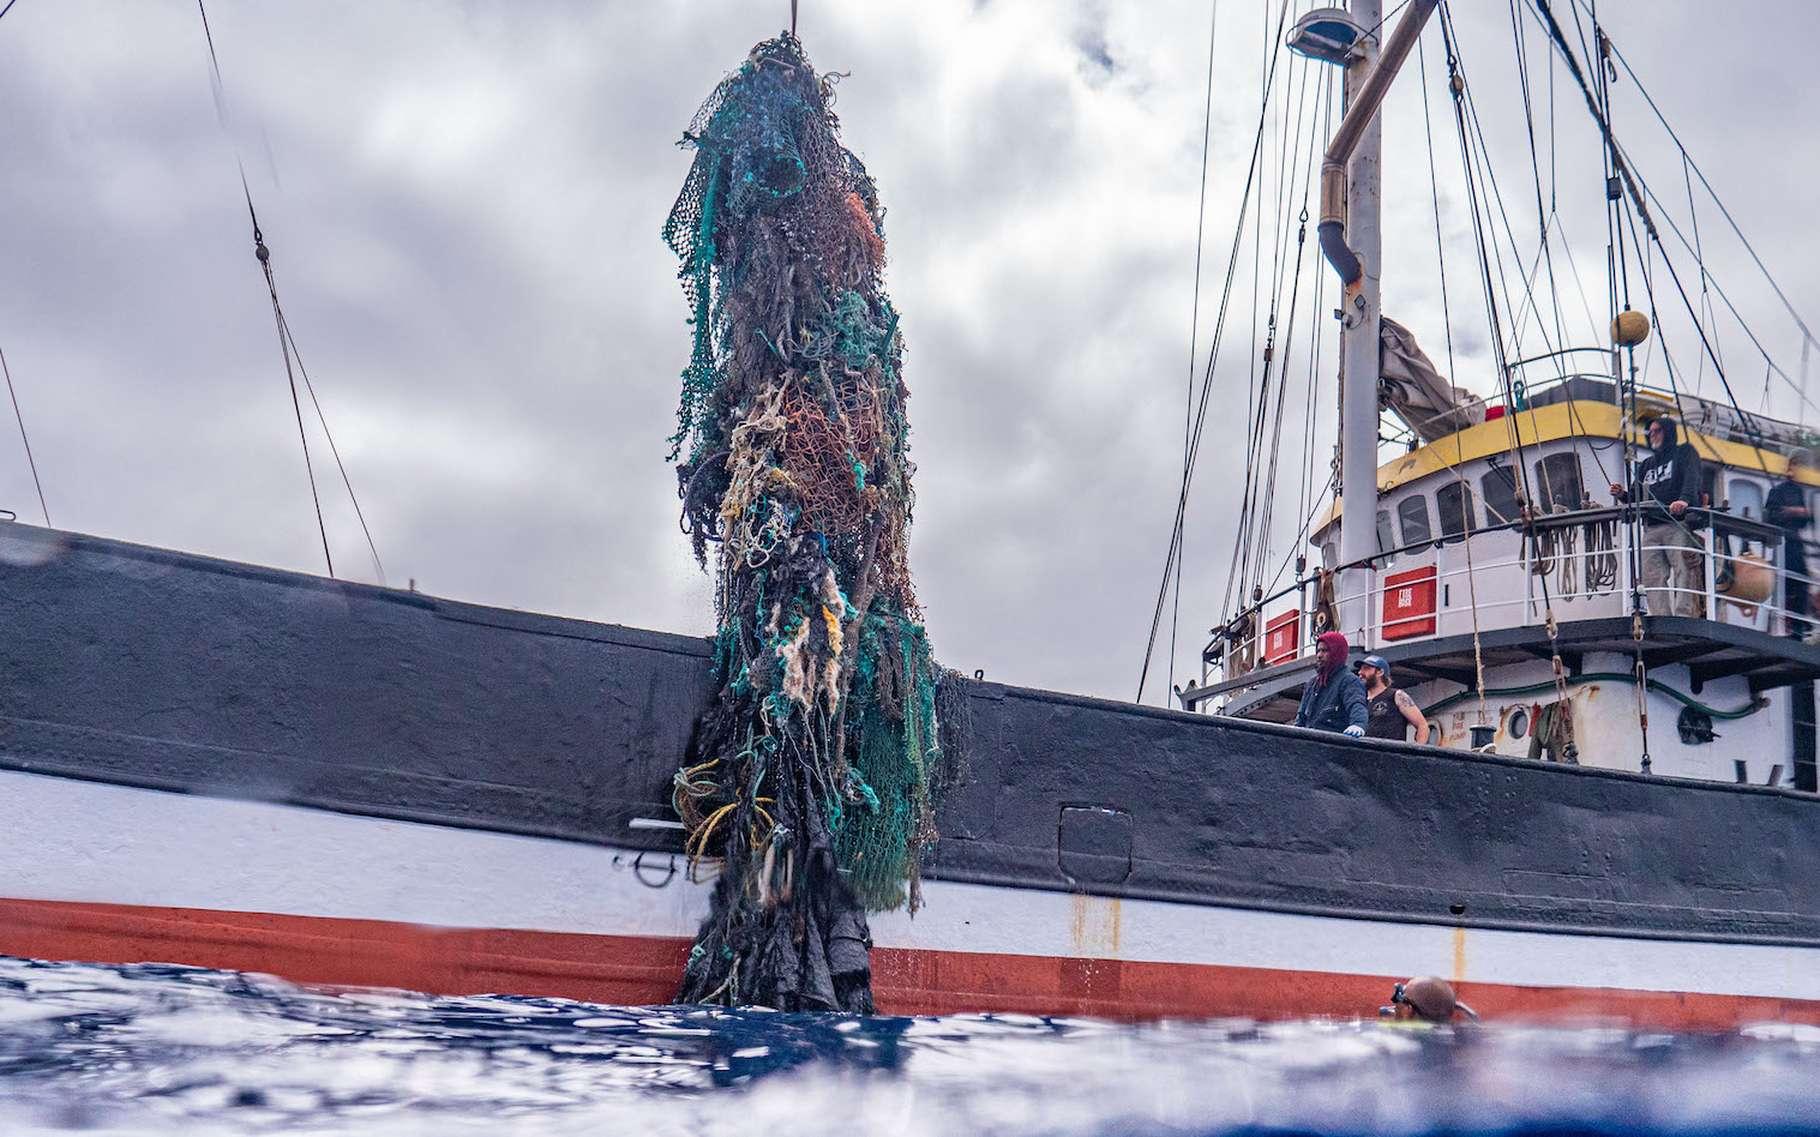 Après une sortie en mer de 48 jours, le navire de l'Ocean Voyages Institute est rentré au port avec une prise de pas moins de 100 tonnes de déchets plastiques. © Ocean Voyages Institute